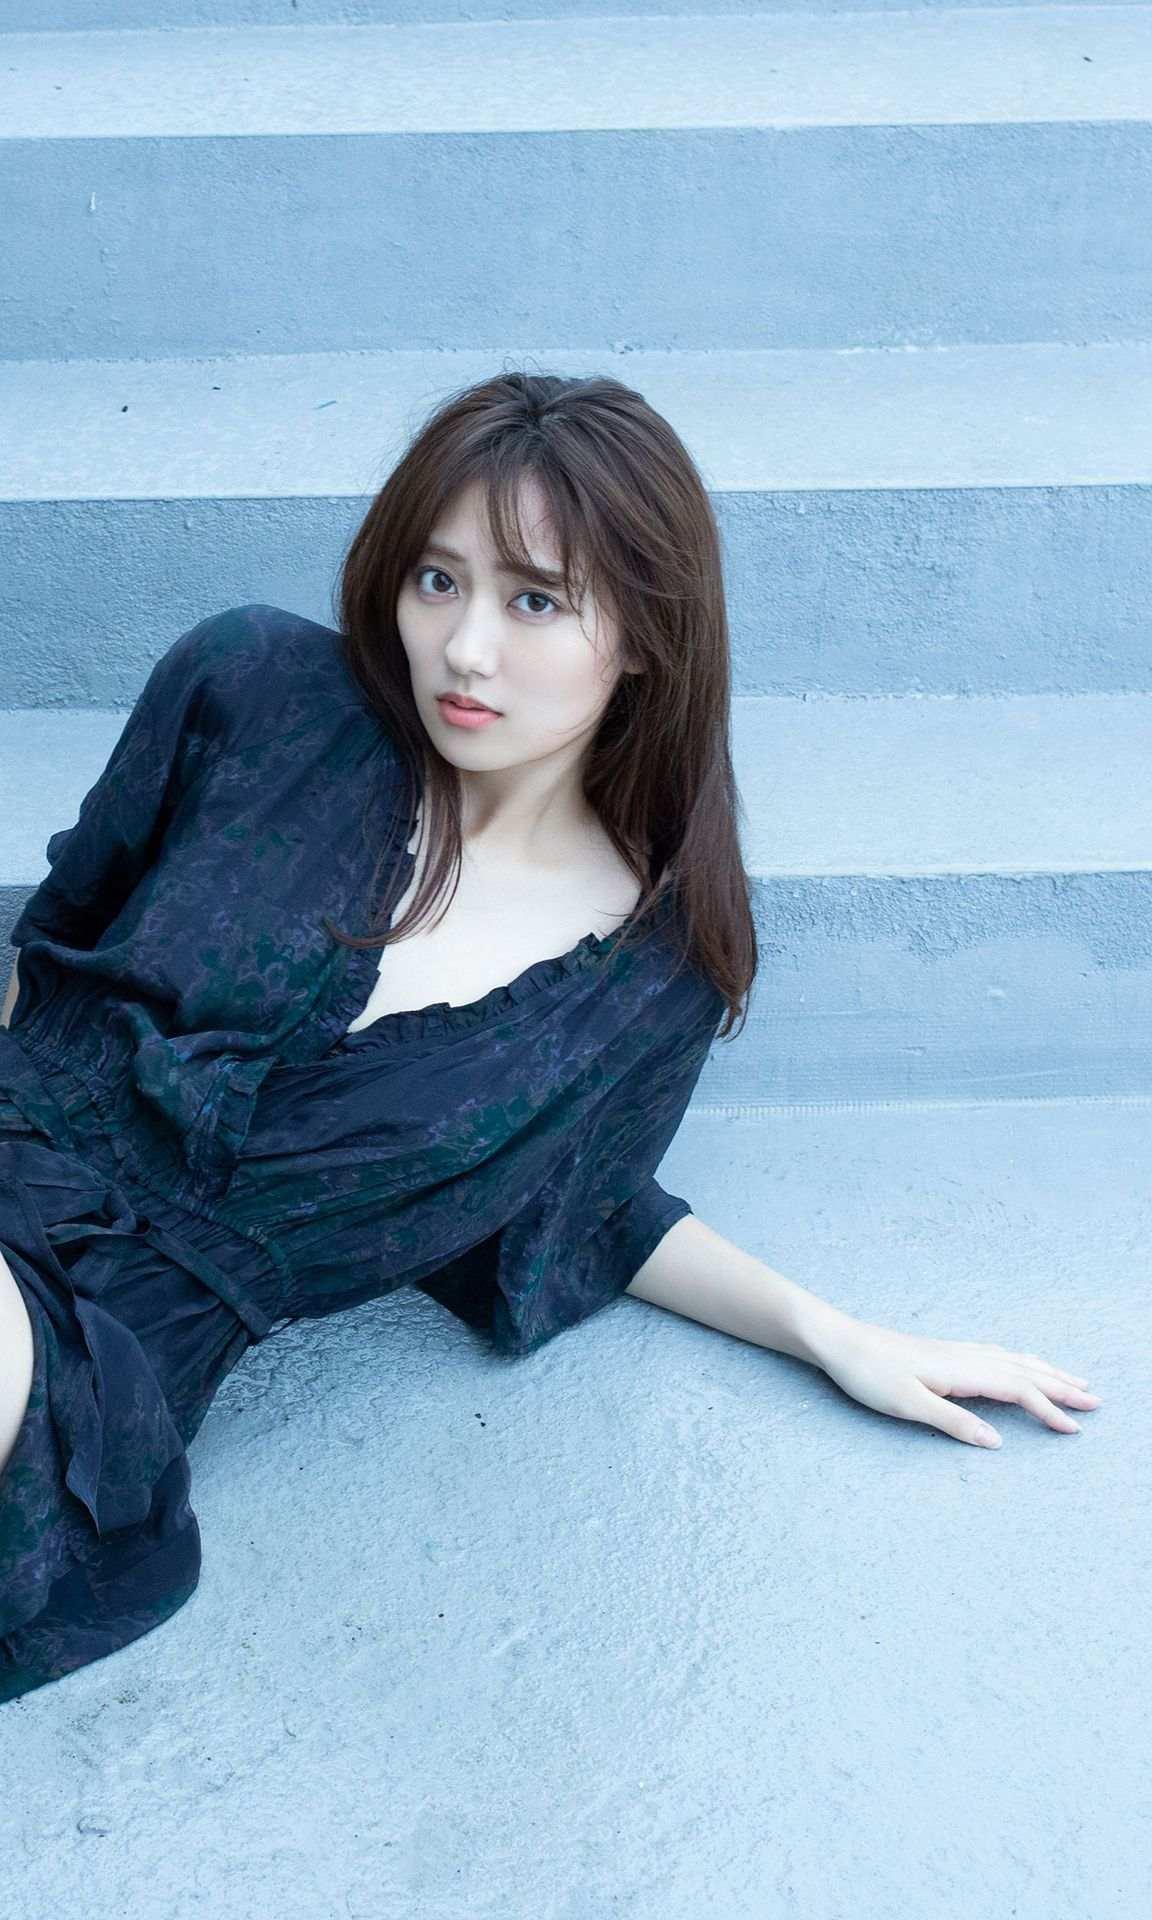 奥山和纱 葛藤image00030